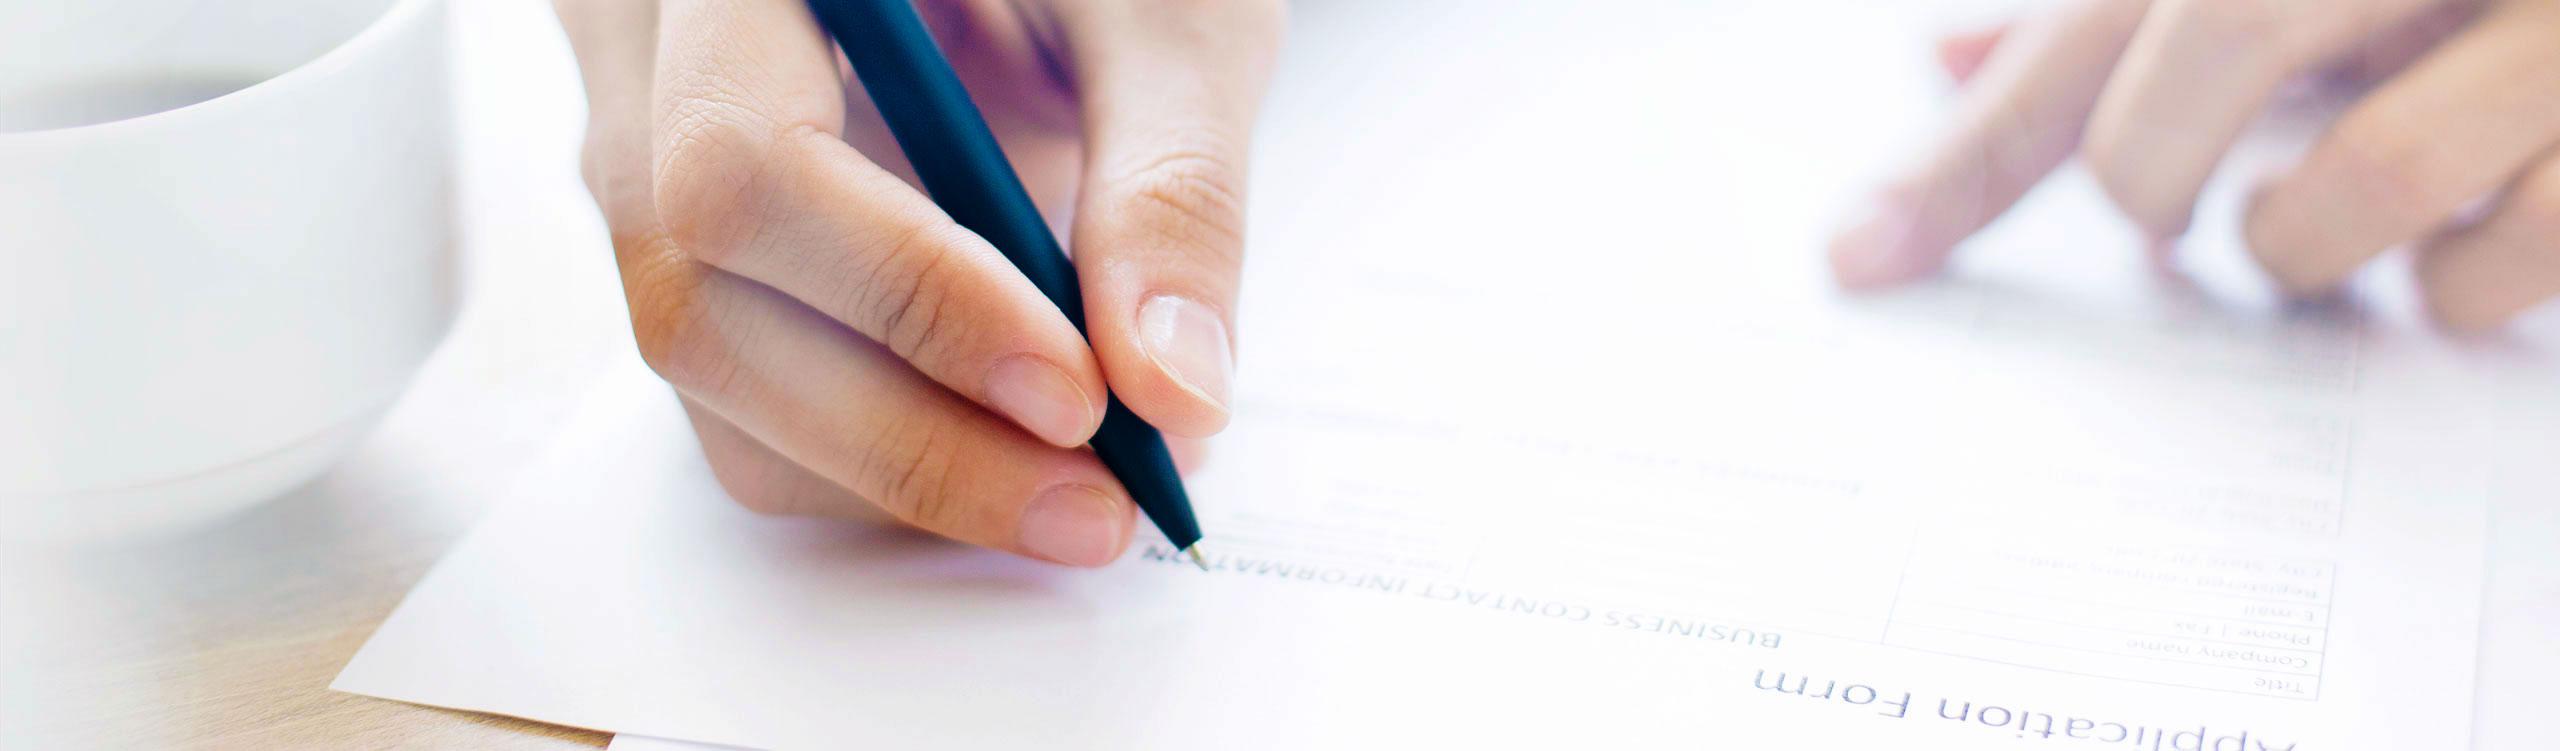 Für eine Karriere im AugenCentrum Bayreuth füllt ein Bewerber ein Formular aus